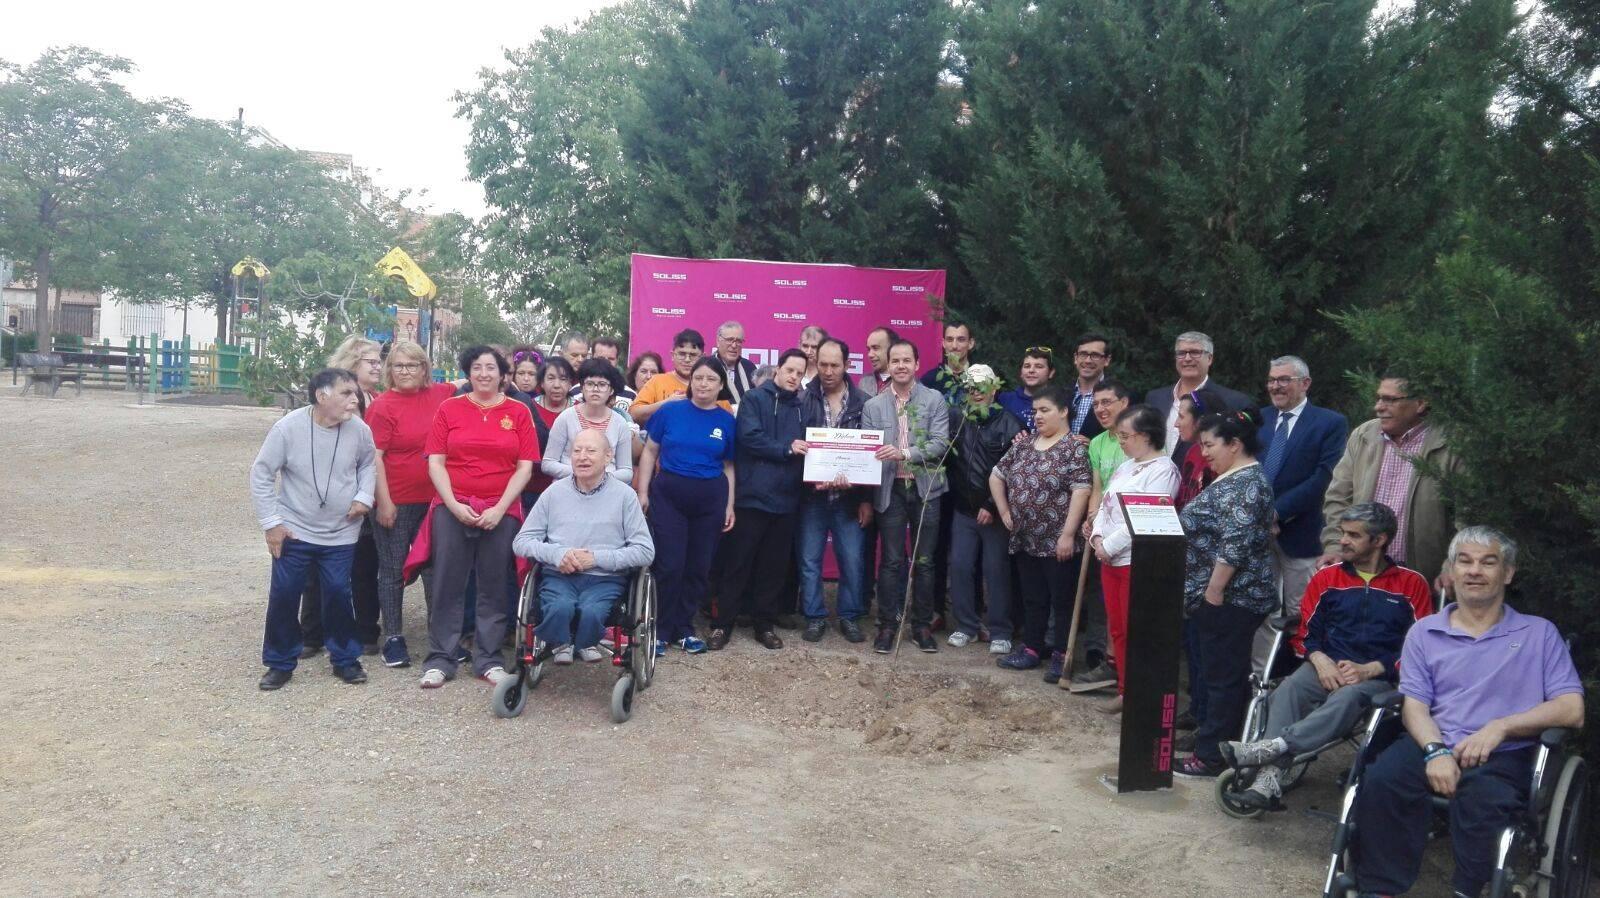 plantando olmo en herencia fundacion soliss proyecto olmo - Proyecto Olmo de la Fundación Soliss planta un pequeño Olmo en Herencia